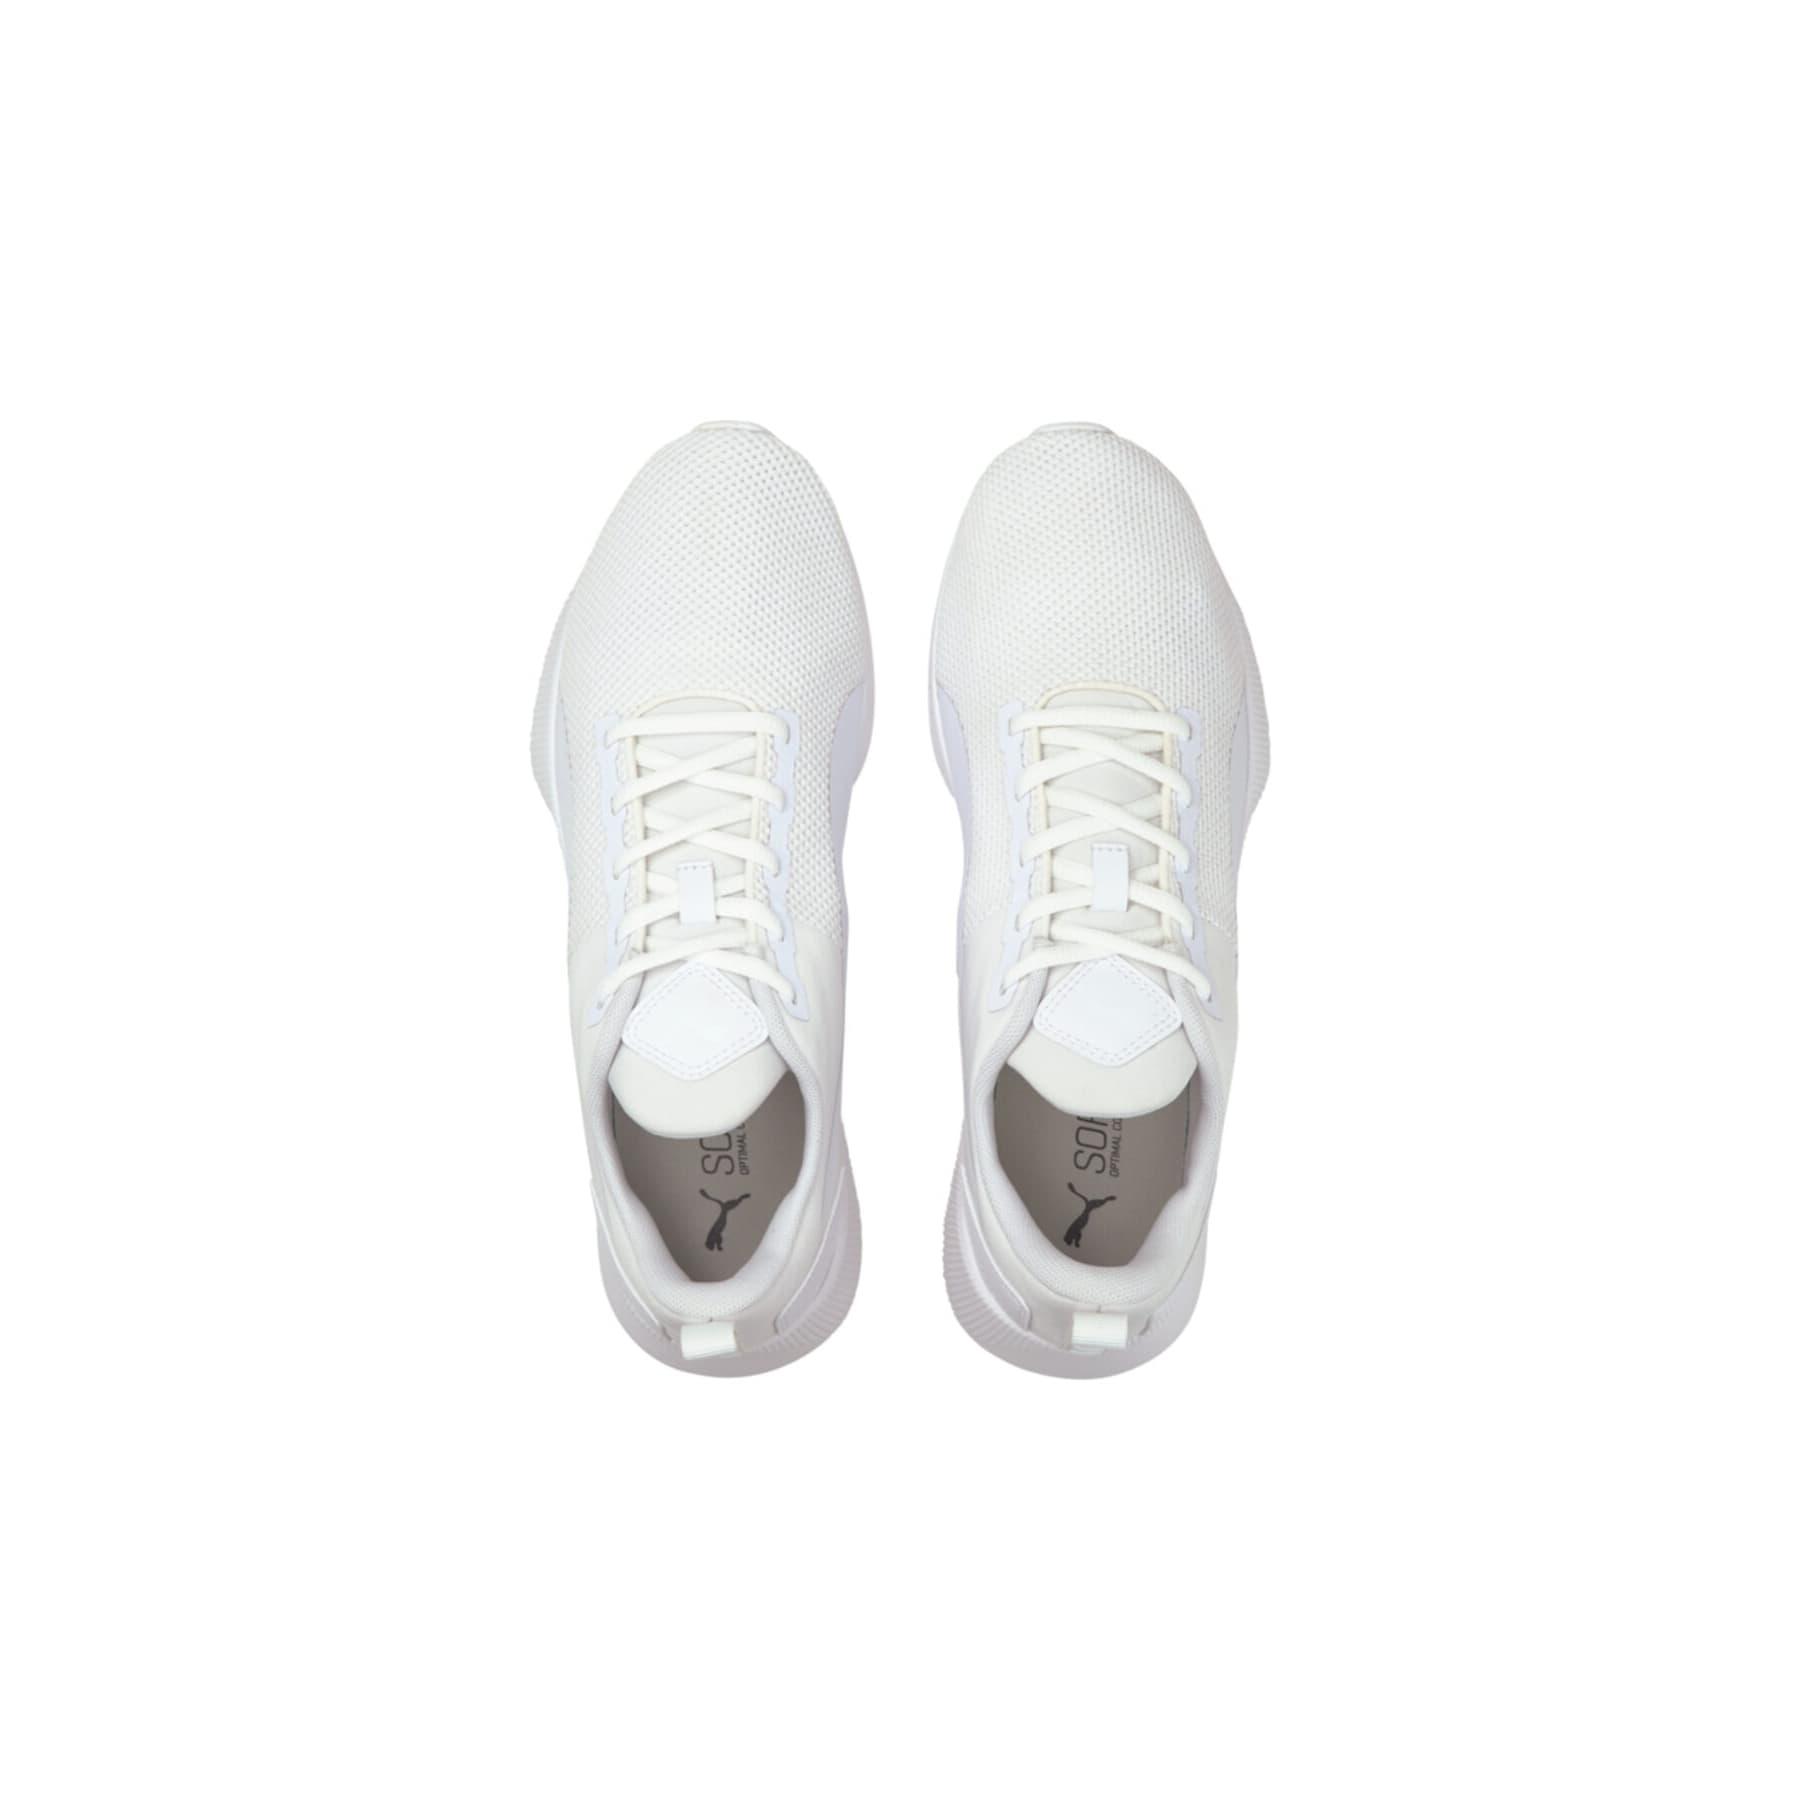 Flyer Runner Beyaz Koşu Ayakkabısı (192257-41)